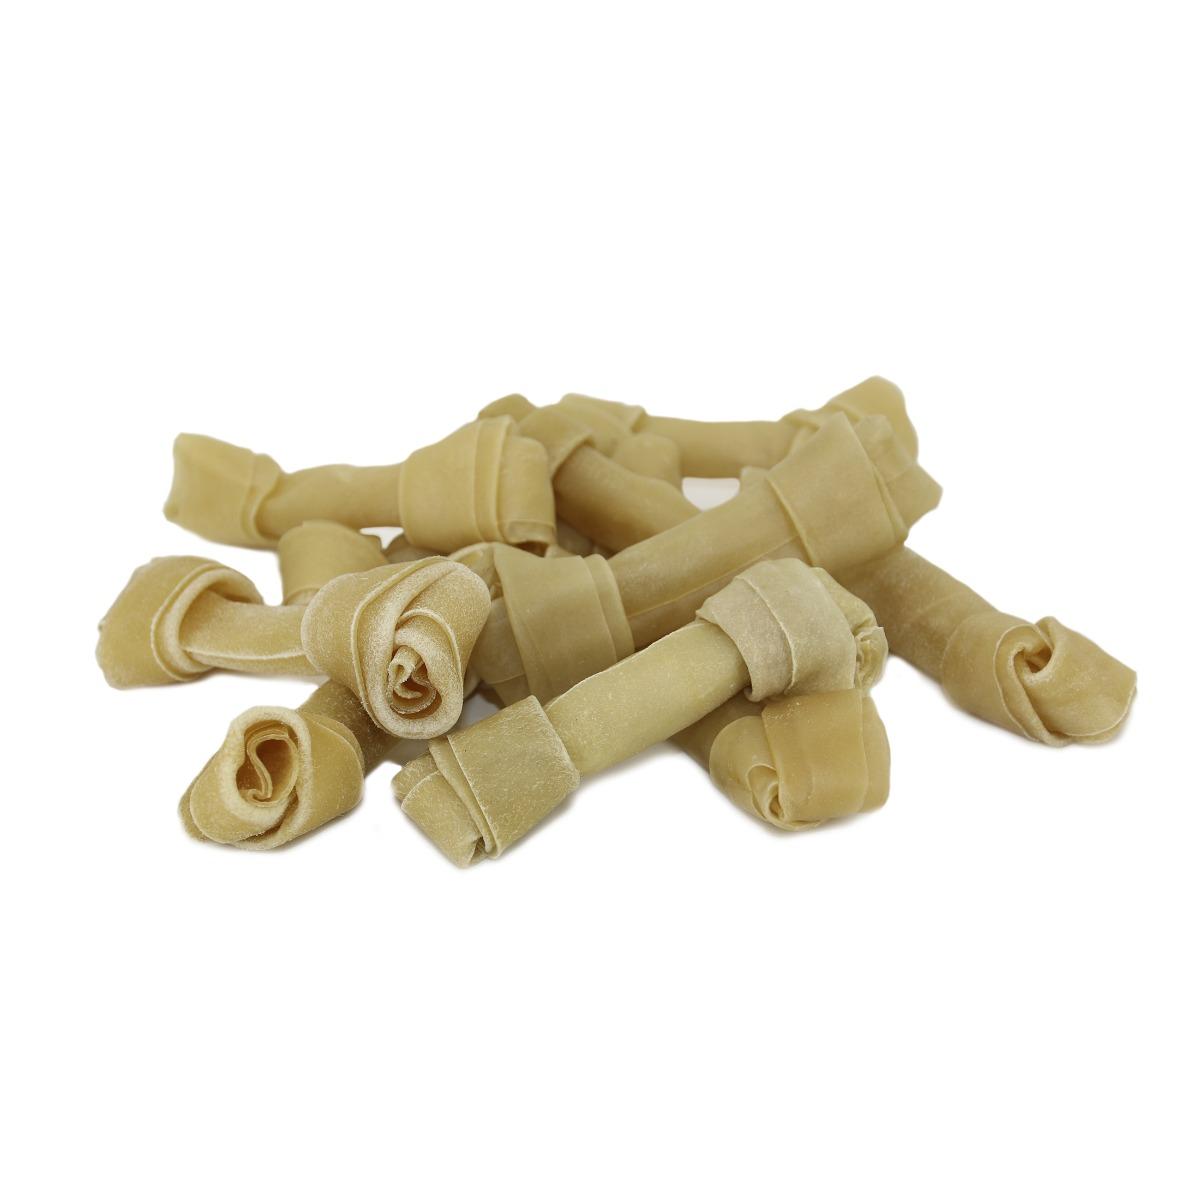 Knoopkluiven zijn natuurlijke en hoogwaardige kauwkluiven.  Geen toevoegingen, zuiver natuurlijk product Ongelooide binnenste huidlaag van runderen (Rawhide) Voor lang kauwplezier. Voor een schoon gebit en ter voorkoming van tandplak. De natuurlijke tandenborstel van je hond. Volledig verteerbaar.